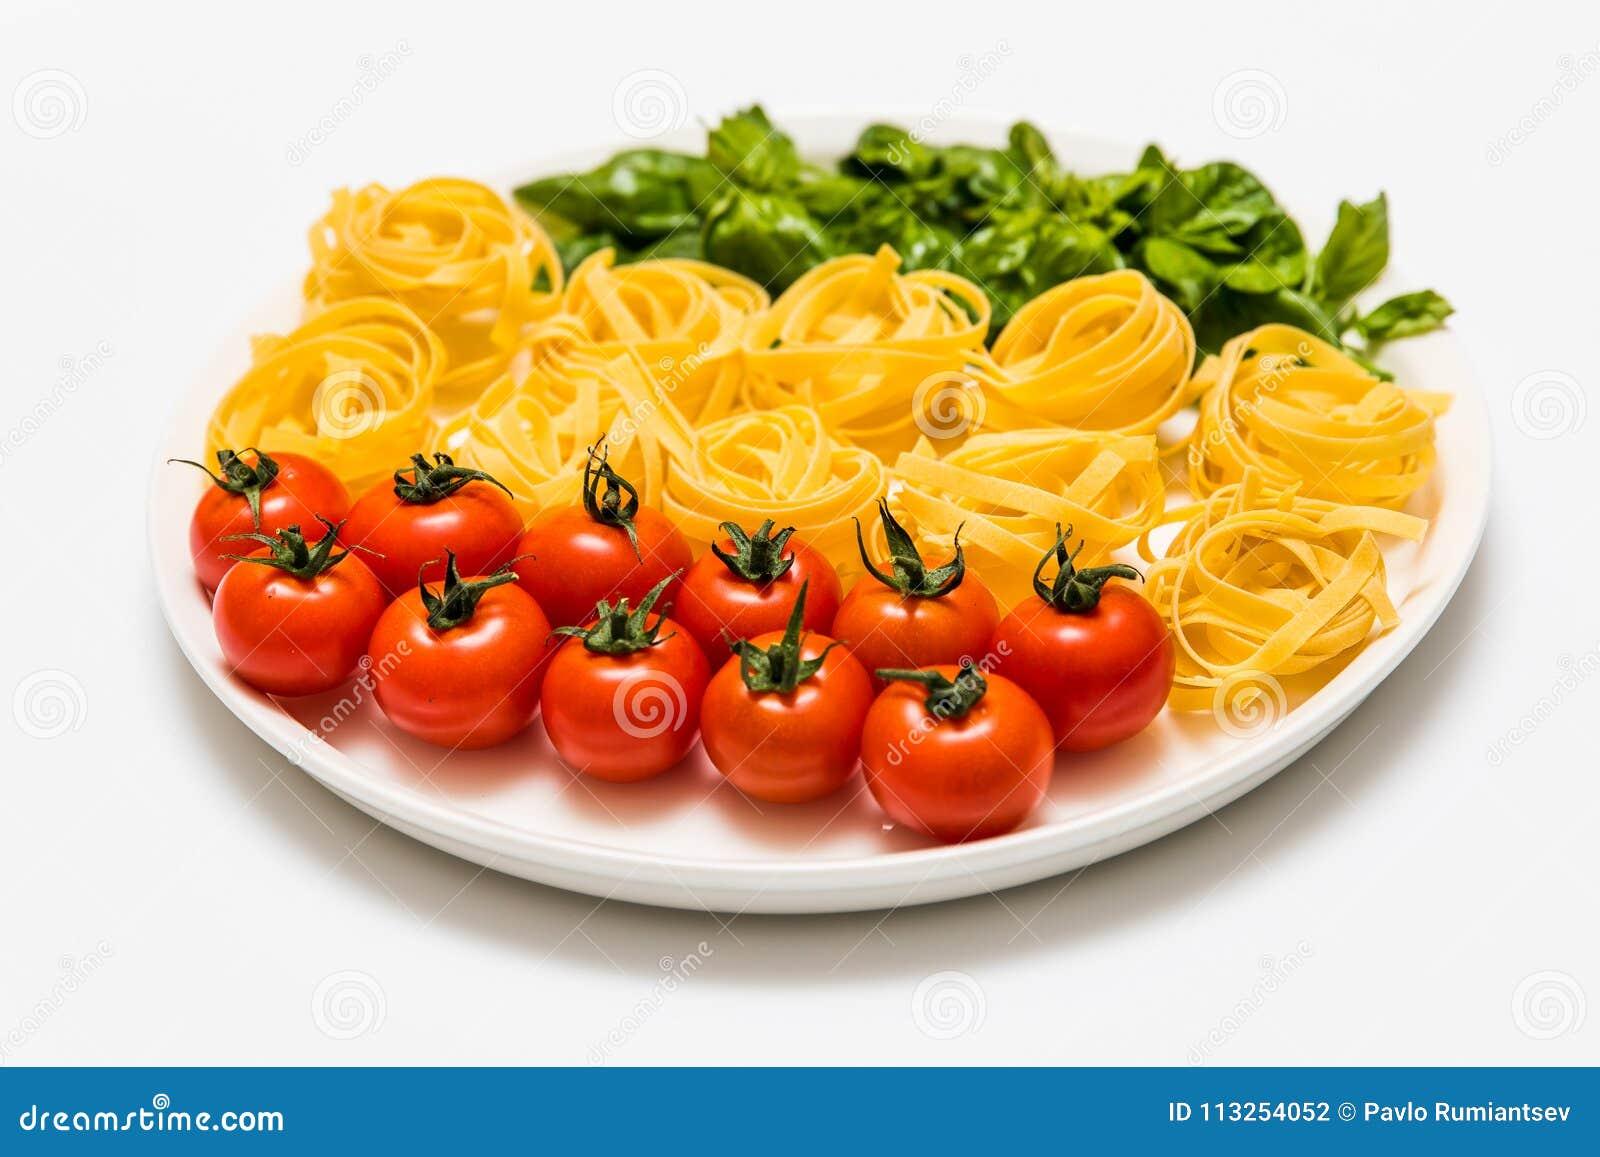 Kirschtomaten, Spaghettis und frischer Basilikum auf einer Servierplatte auf einem weißen Hintergrund